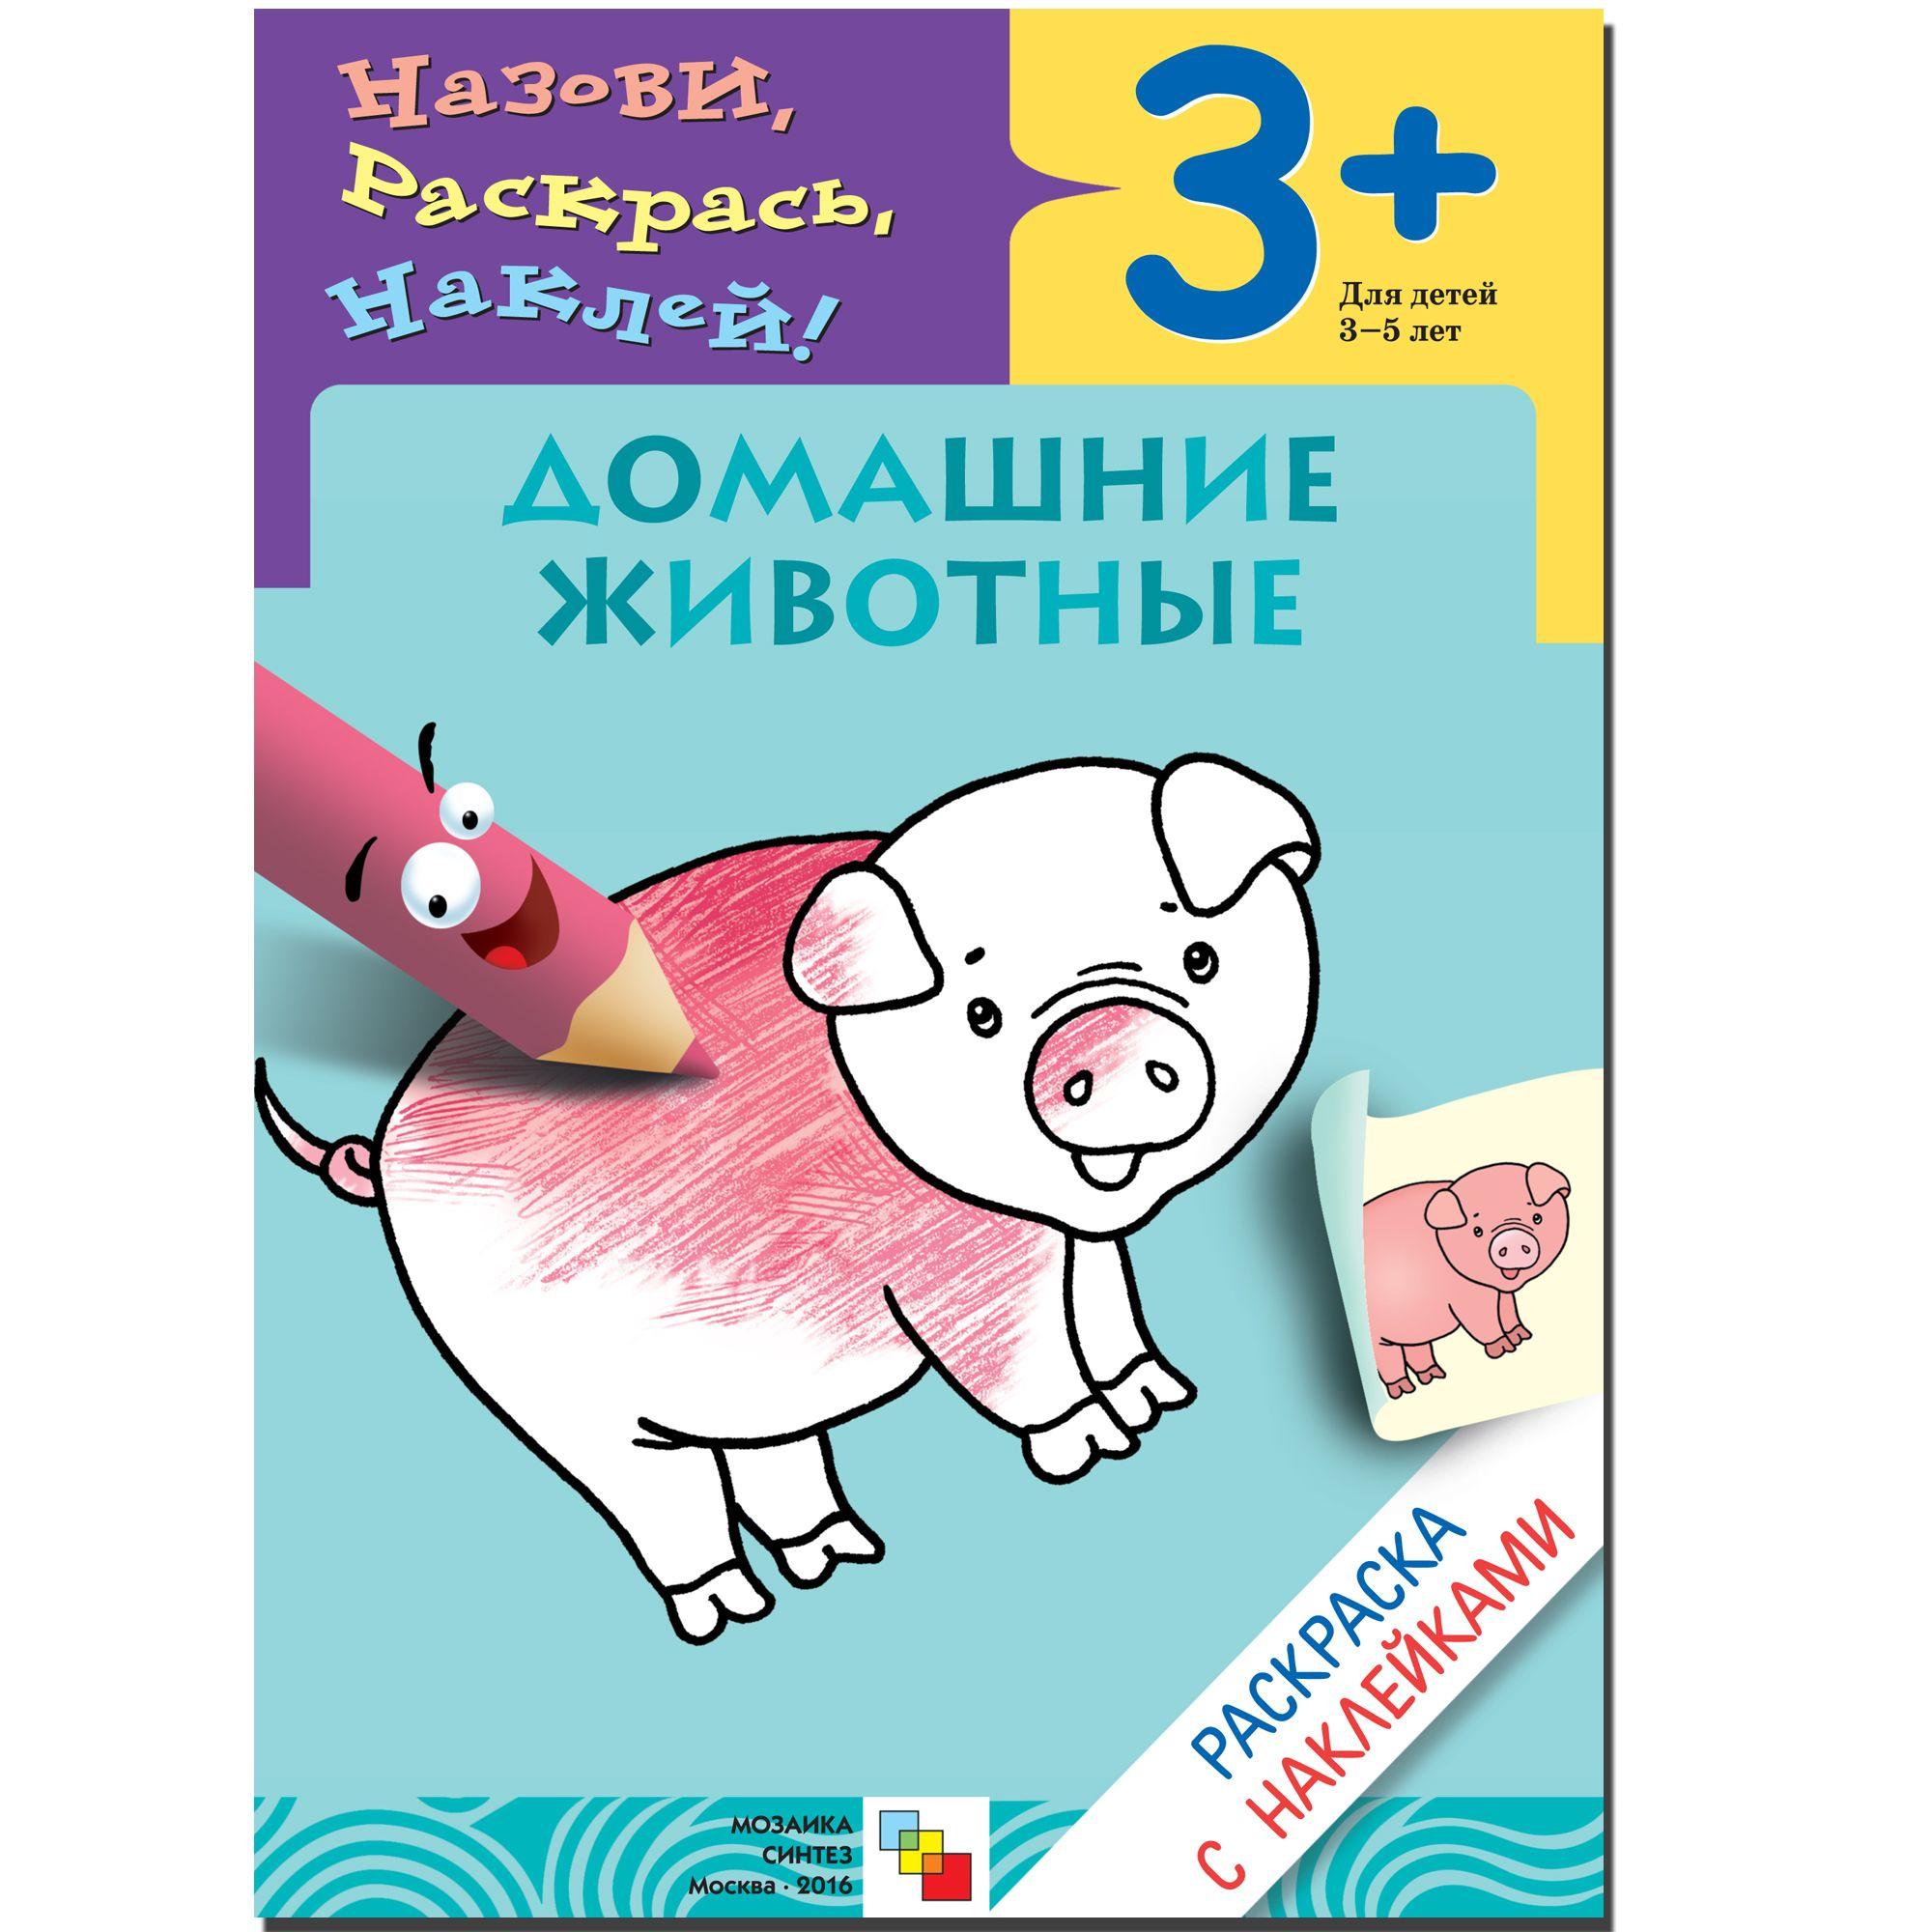 Раскраски животных, для детей 2, 3 лет. - Детский сайт зайка | 2000x2000